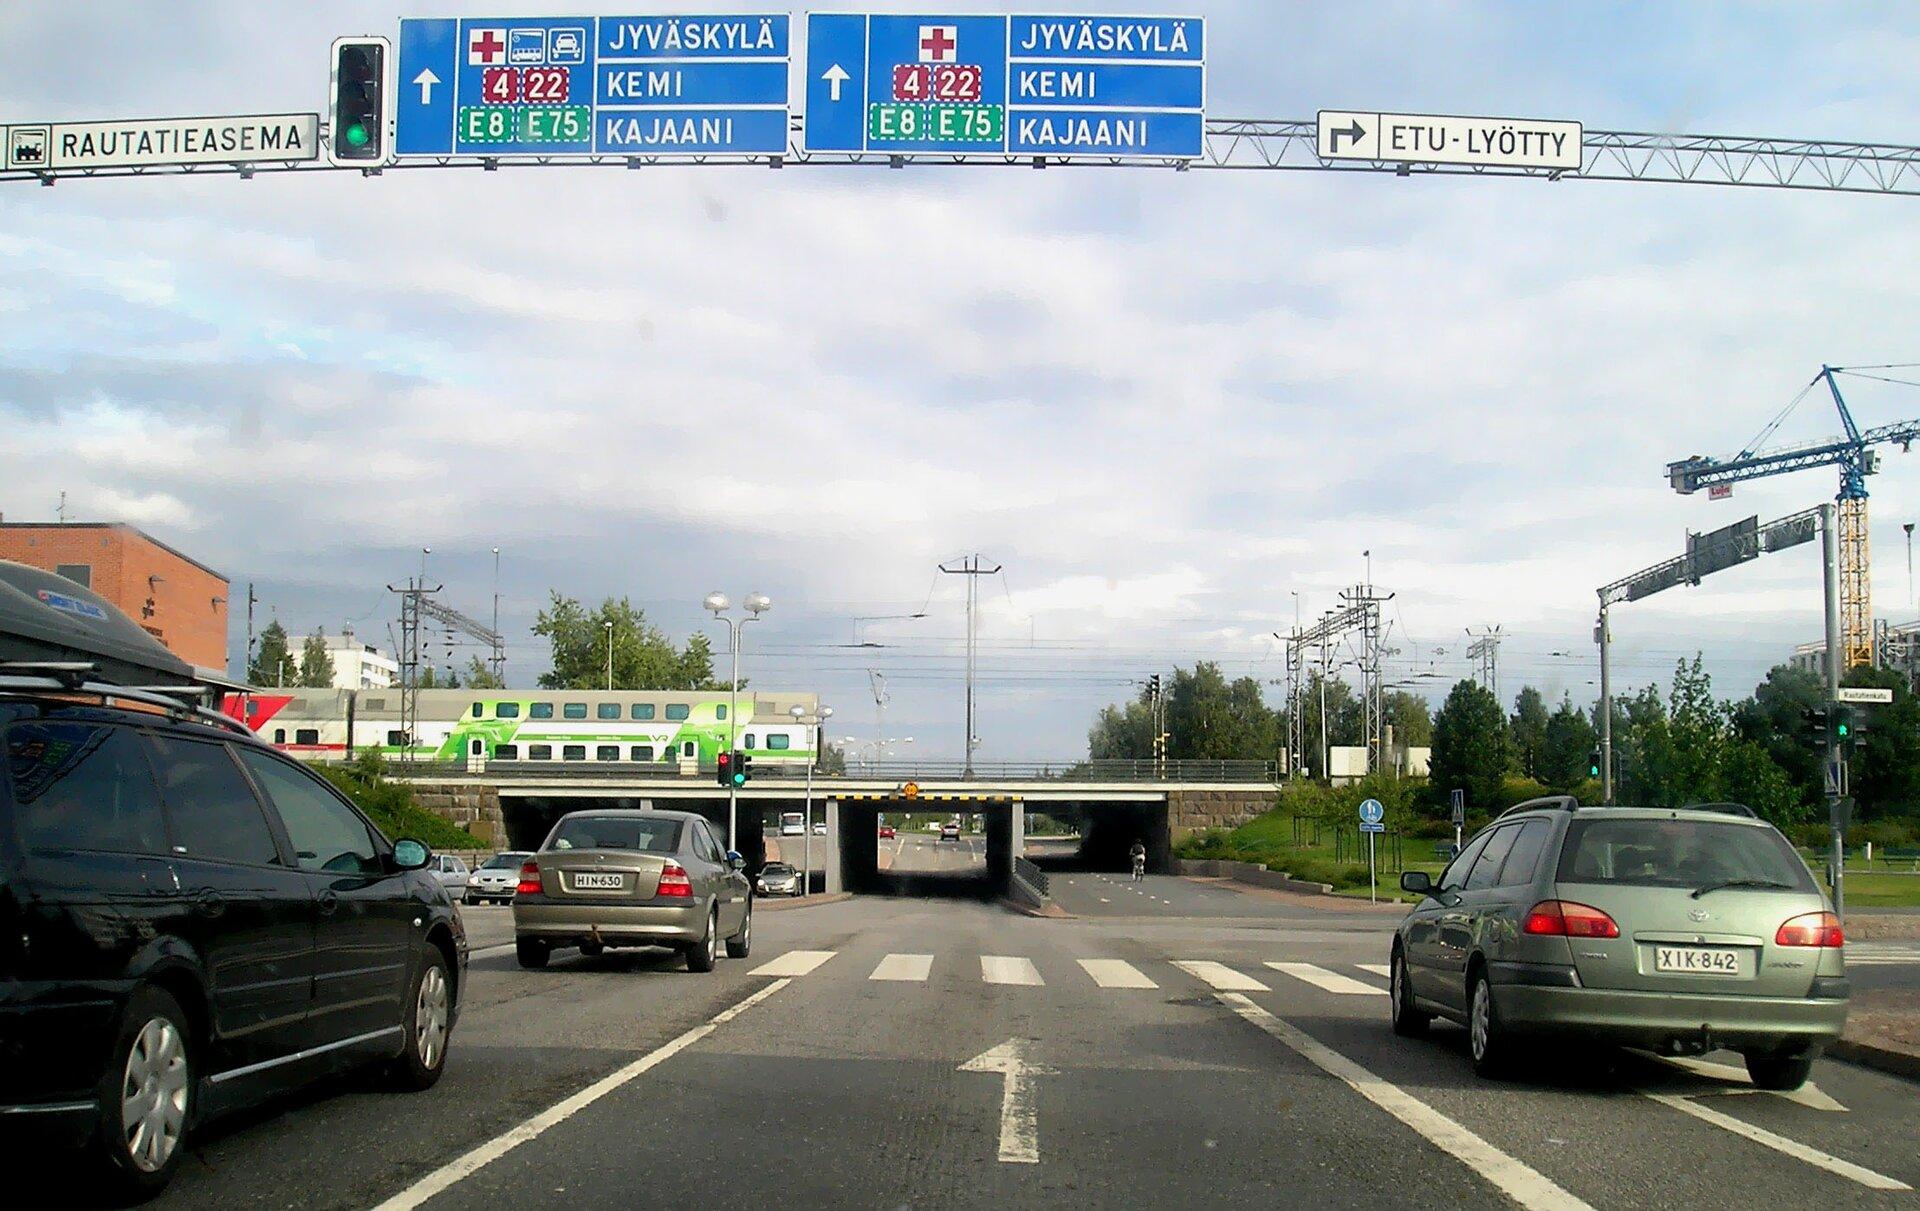 Trzypasmowa ulica, wiadukt kolejowy, pociąg. Białe napisy wjęzyku fińskim na niebieskich drogowskazach.